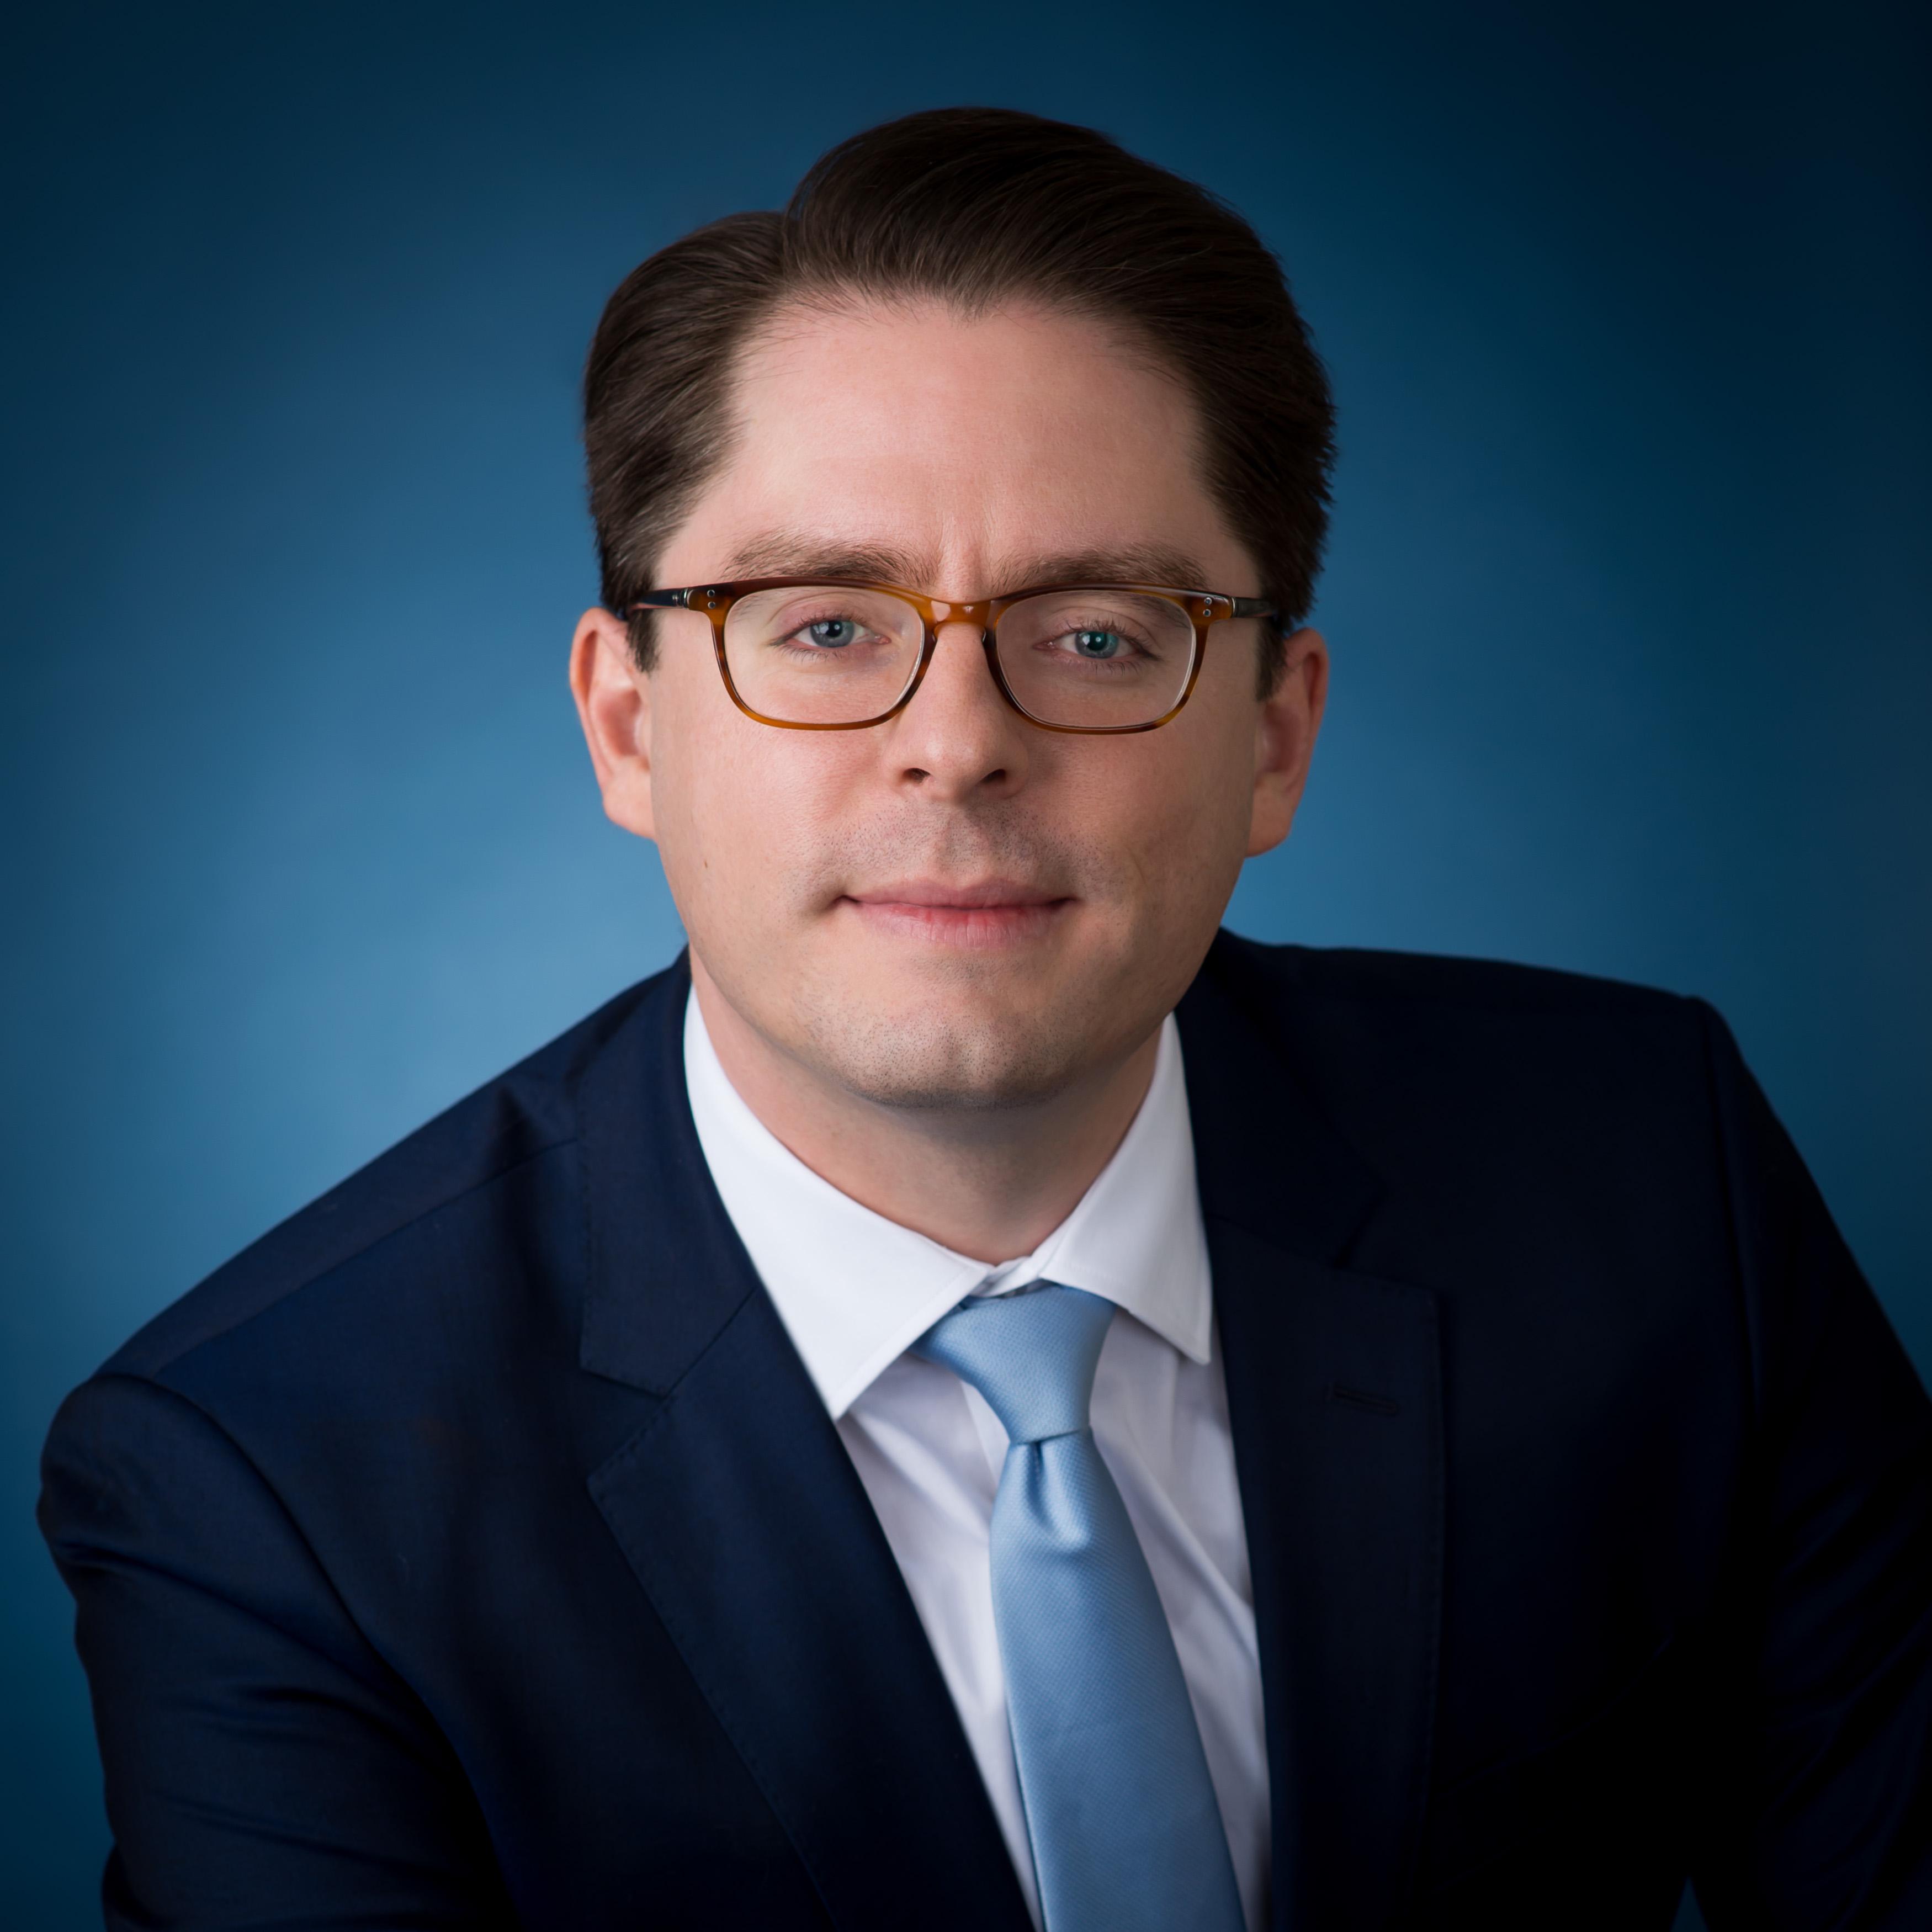 Thomas P. Brennan